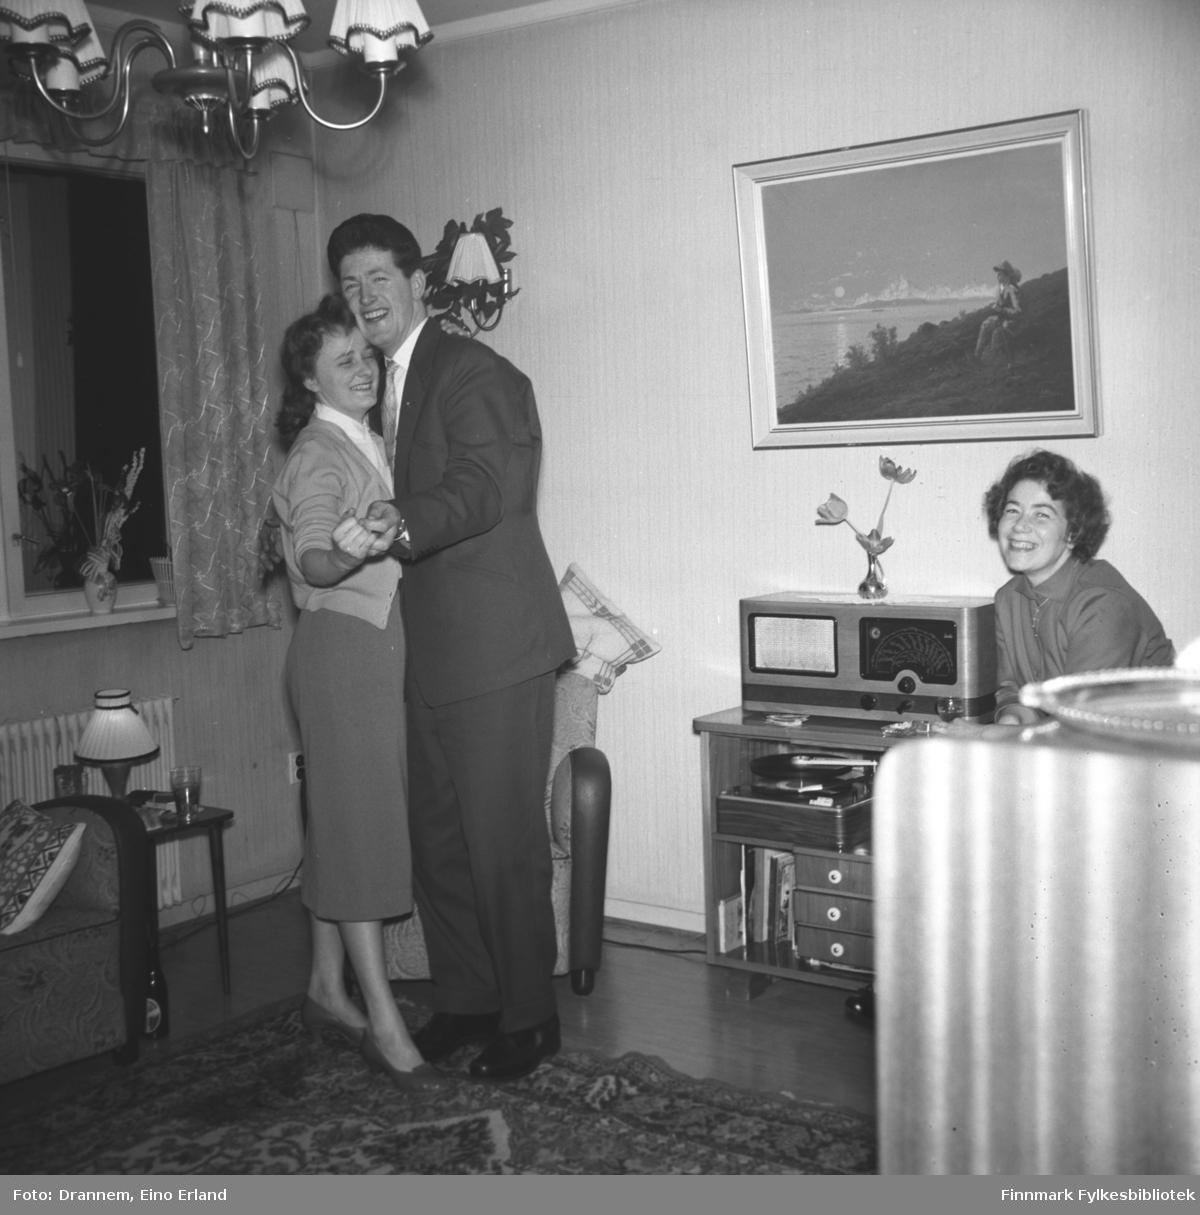 Et dansende par hos familien Drannem, Jenny Drannem til høyre. Nyttår